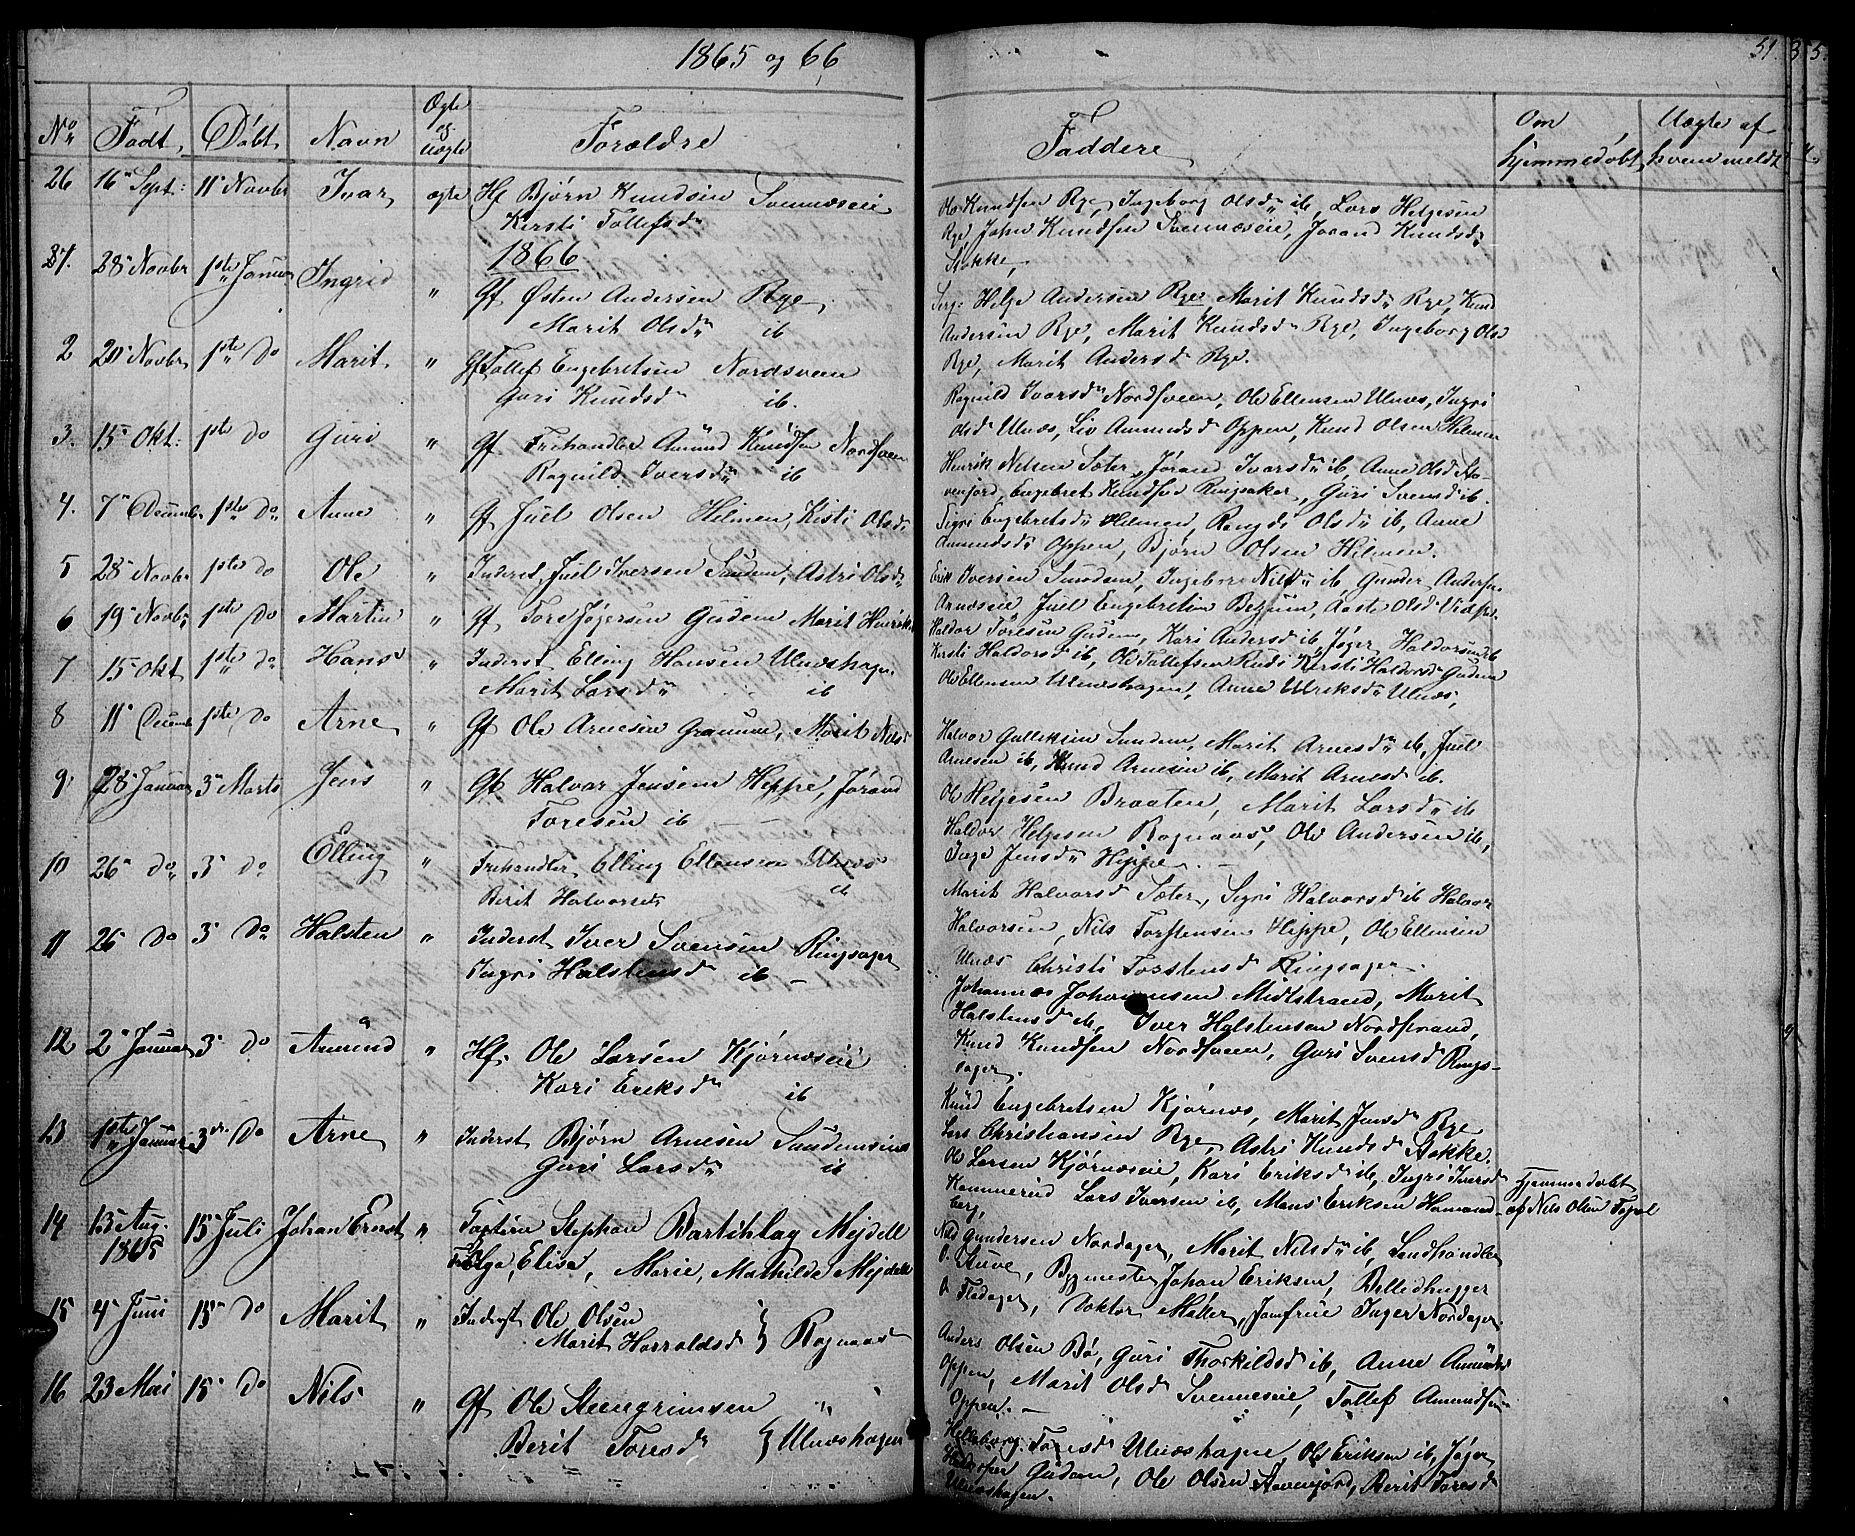 SAH, Nord-Aurdal prestekontor, Klokkerbok nr. 4, 1842-1882, s. 51